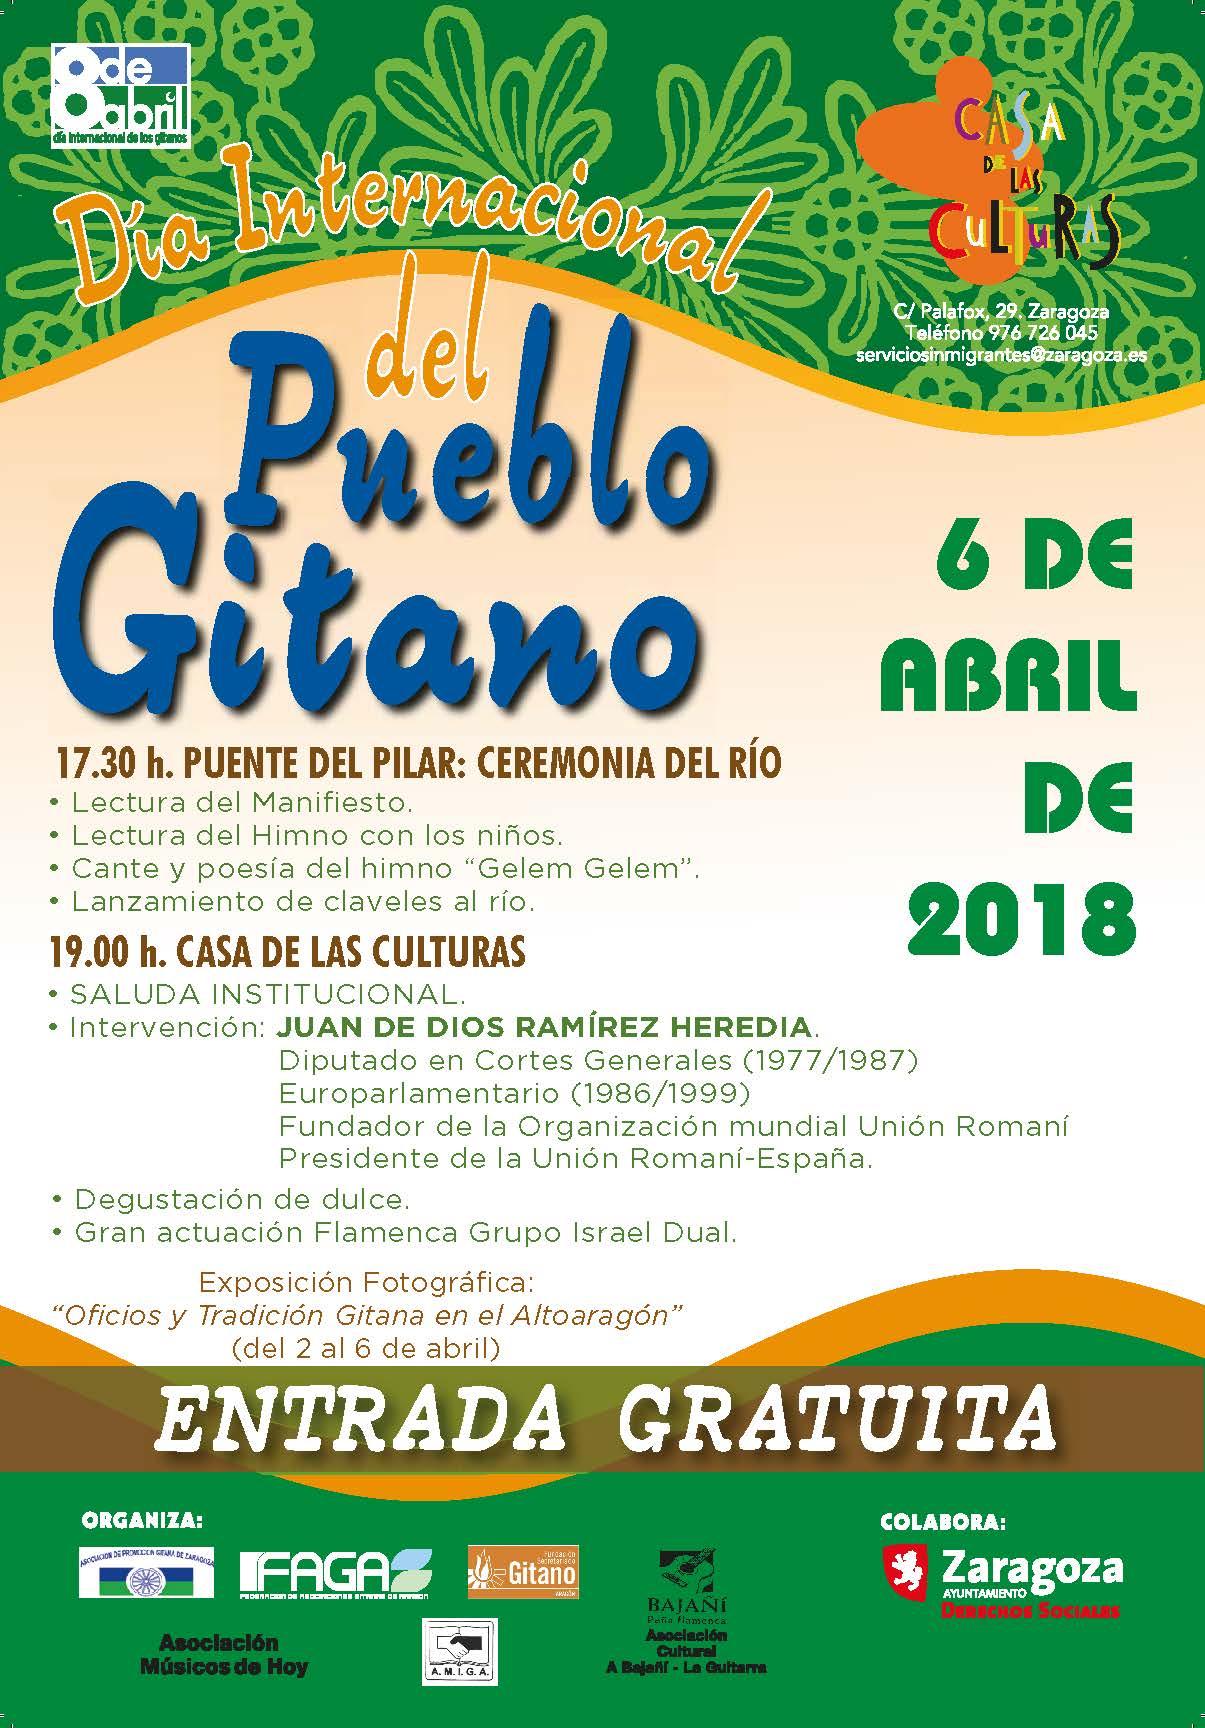 92f81af7bac4 Zaragoza celebra el Día Internacional del Pueblo Gitano